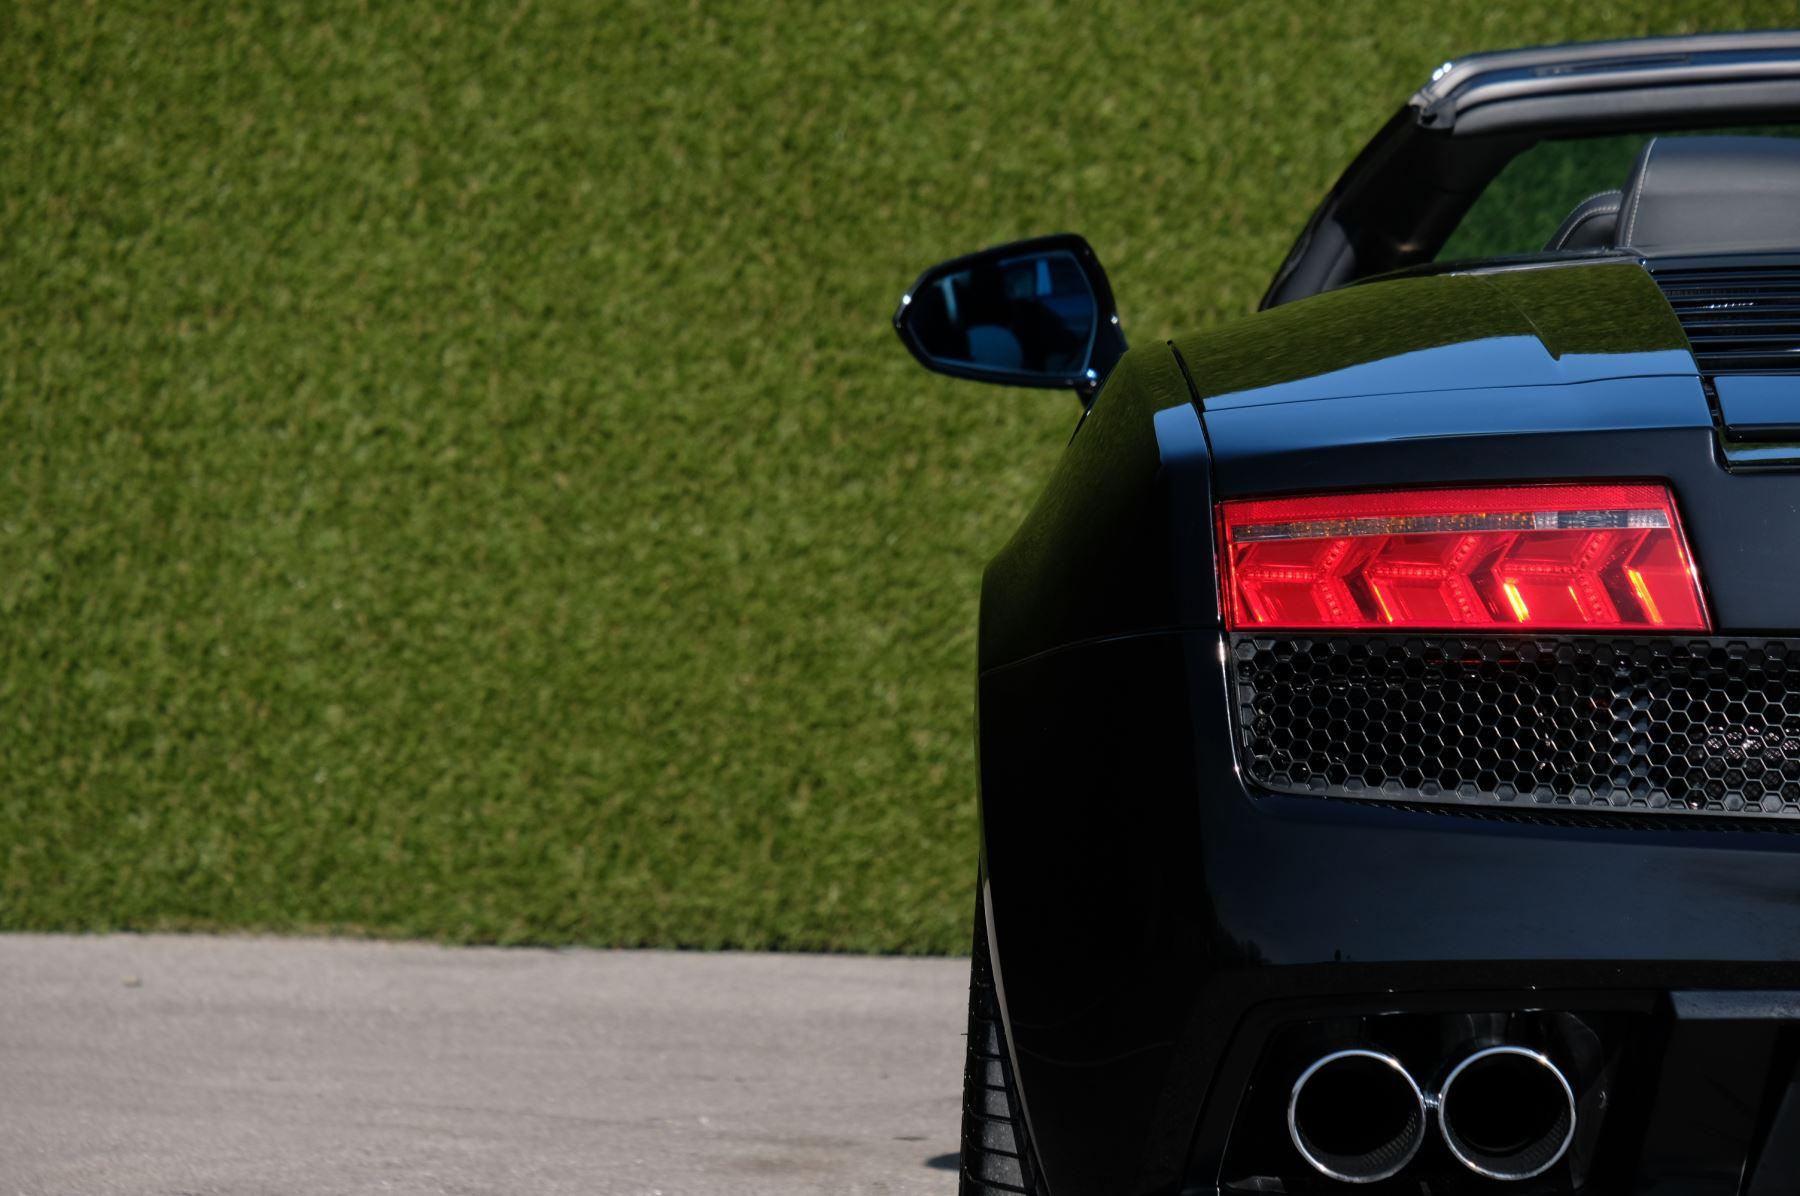 Lamborghini Gallardo LP 560-4 Spyder image 11